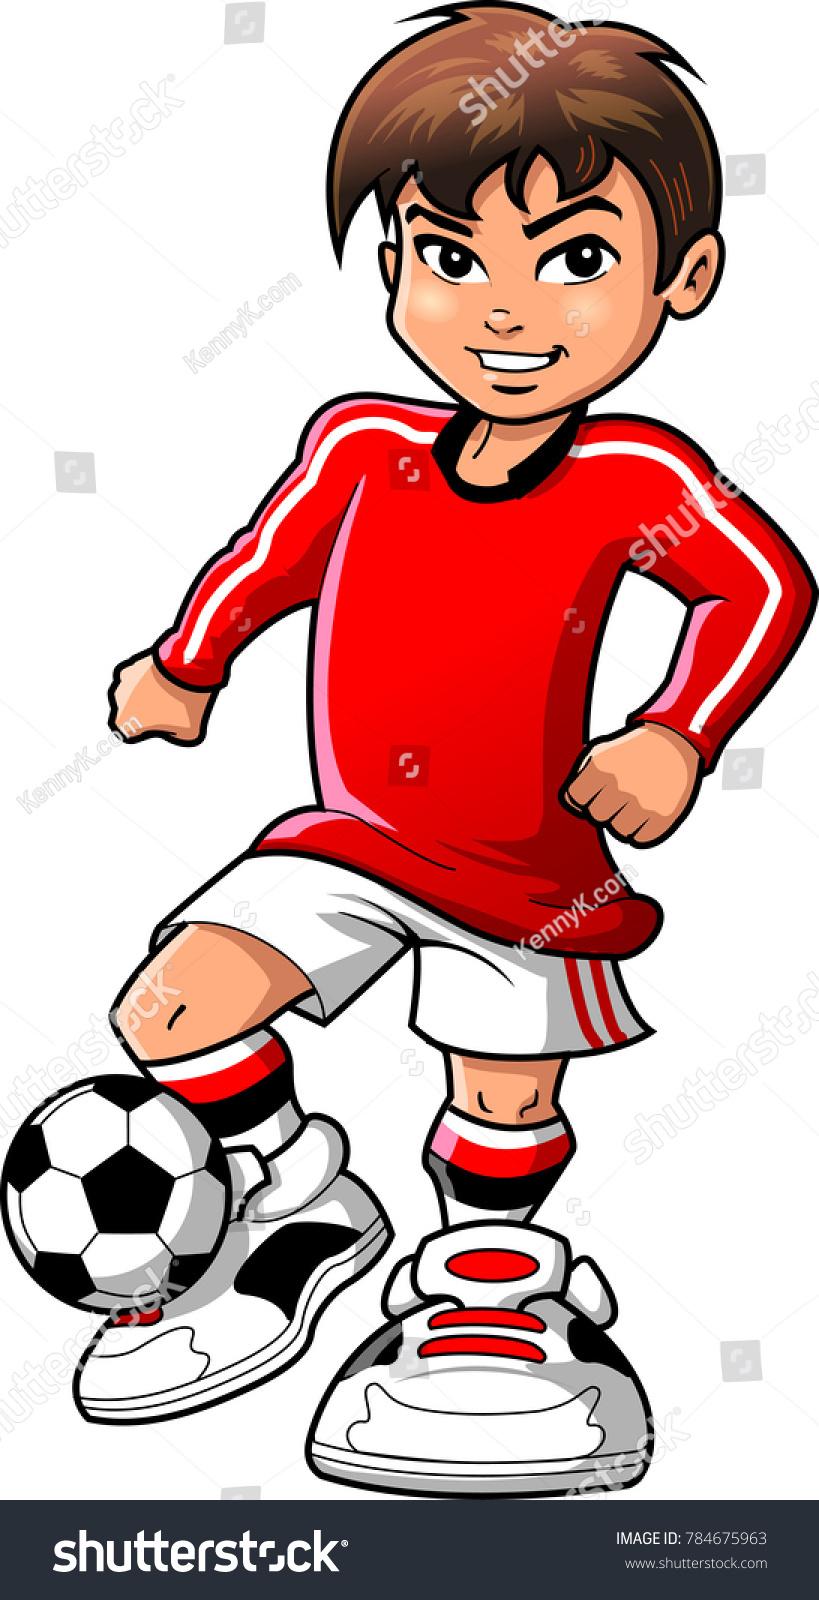 hight resolution of soccer football player teen boy sports vector clipart cartoon